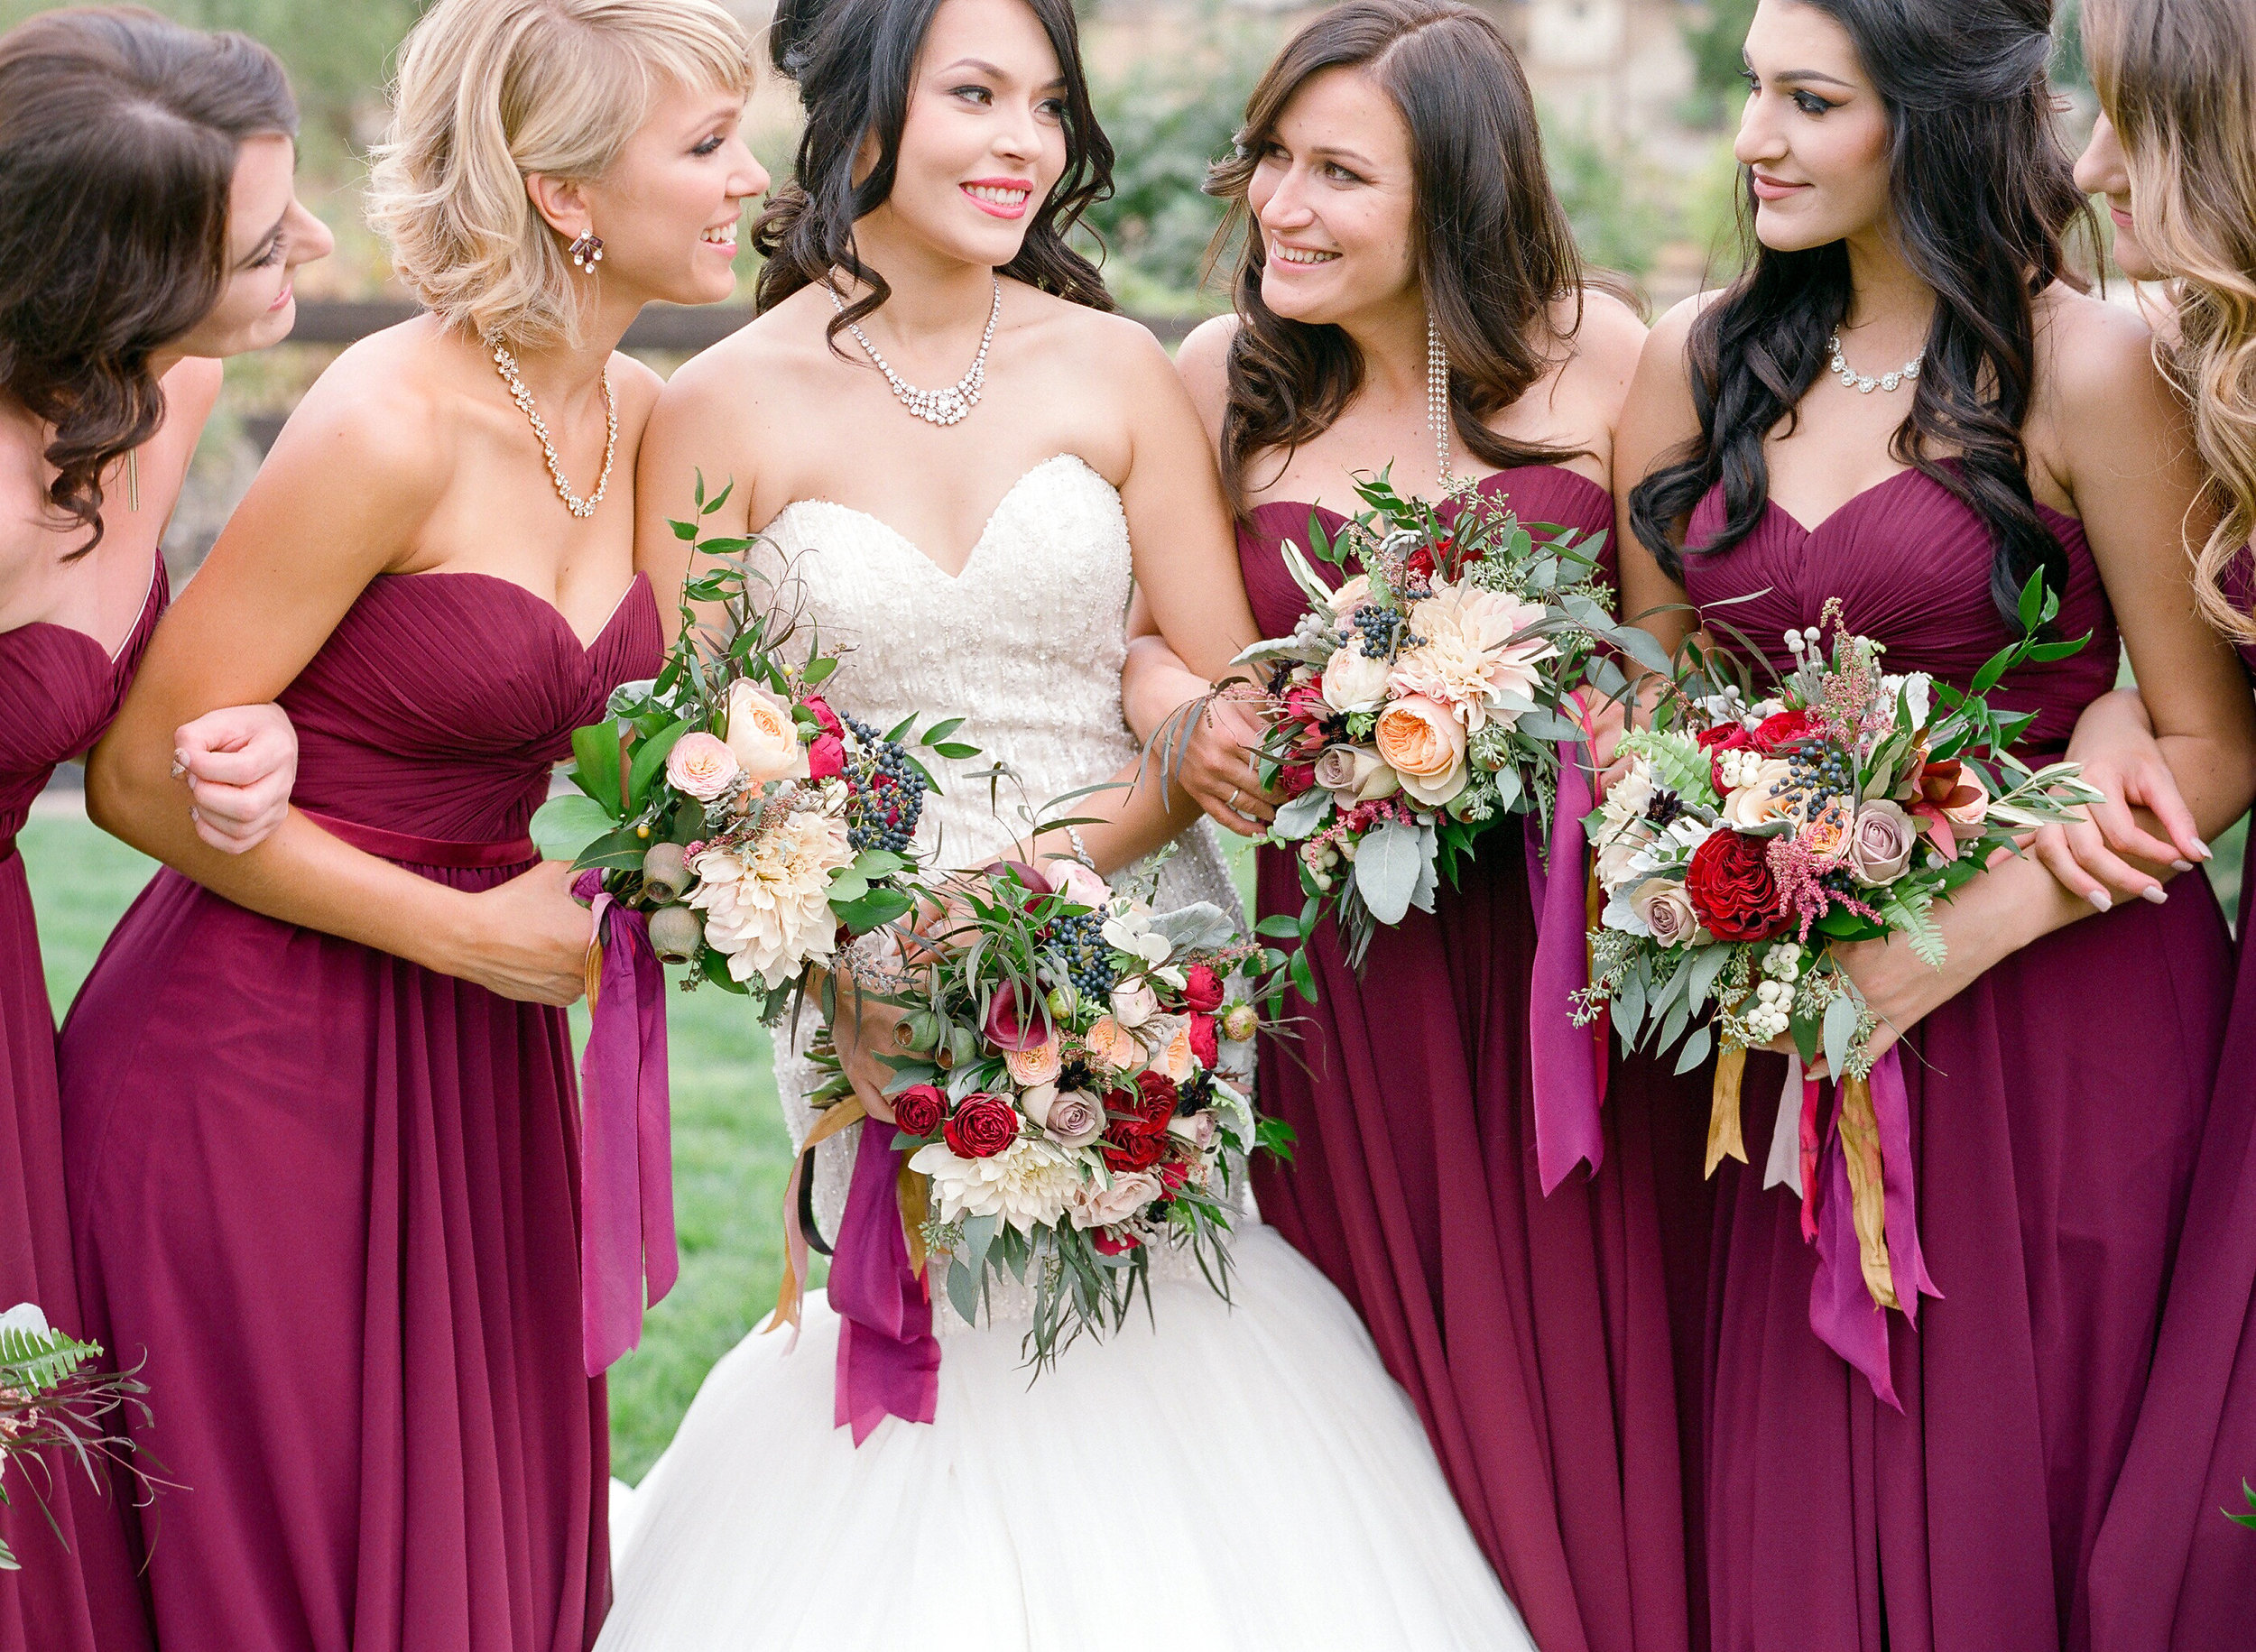 Amador_County_Wedding_Bride_Bridesmaids_Bouquets_Smiles_Rancho_Victoria_Vineyard_Northern_California.jpg